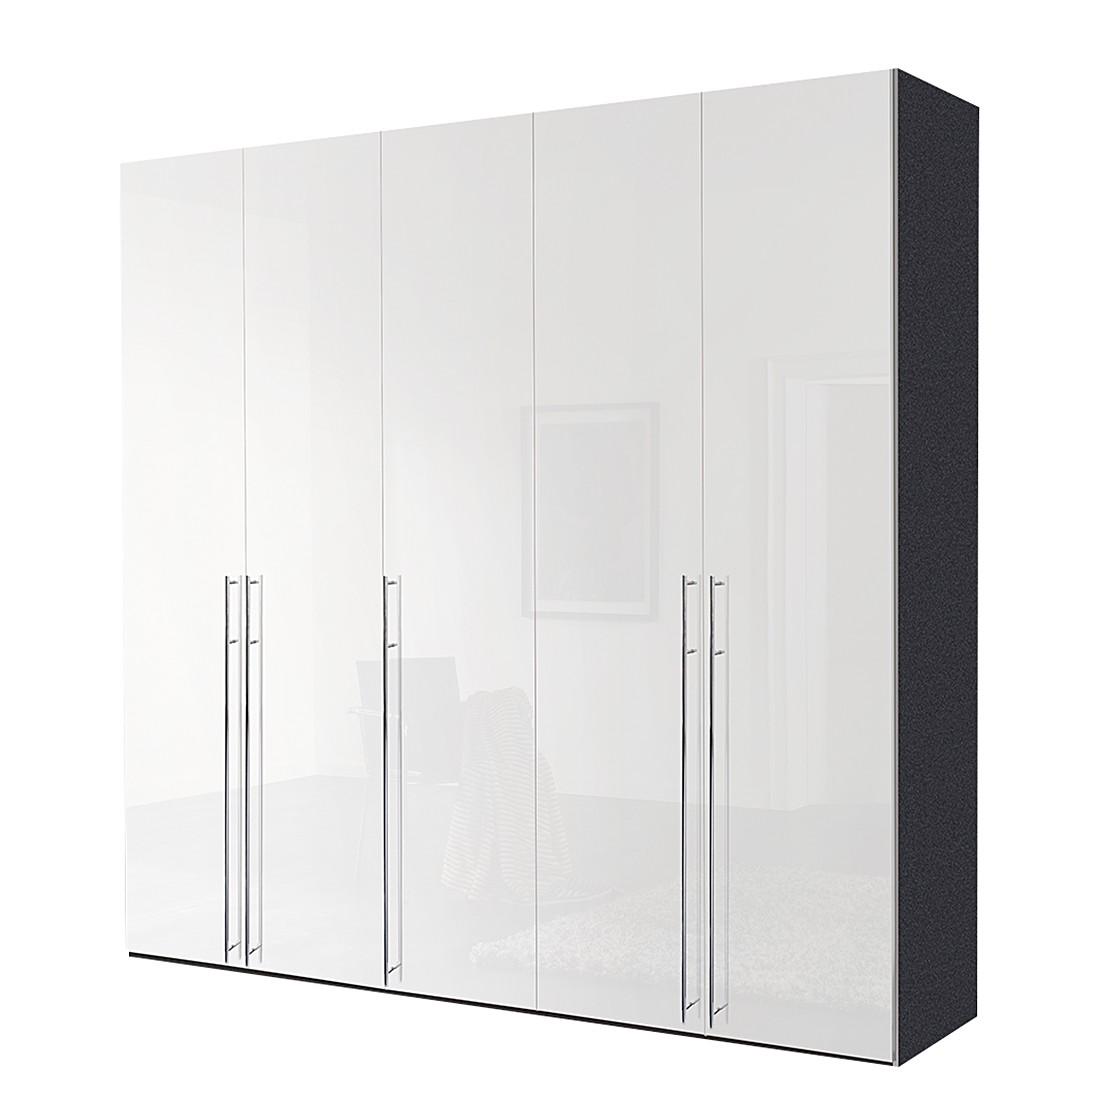 Draaideurkast Melva - grafietkleurig/wit gelakt - 250x216cm - 5-deurs, Express Möbel